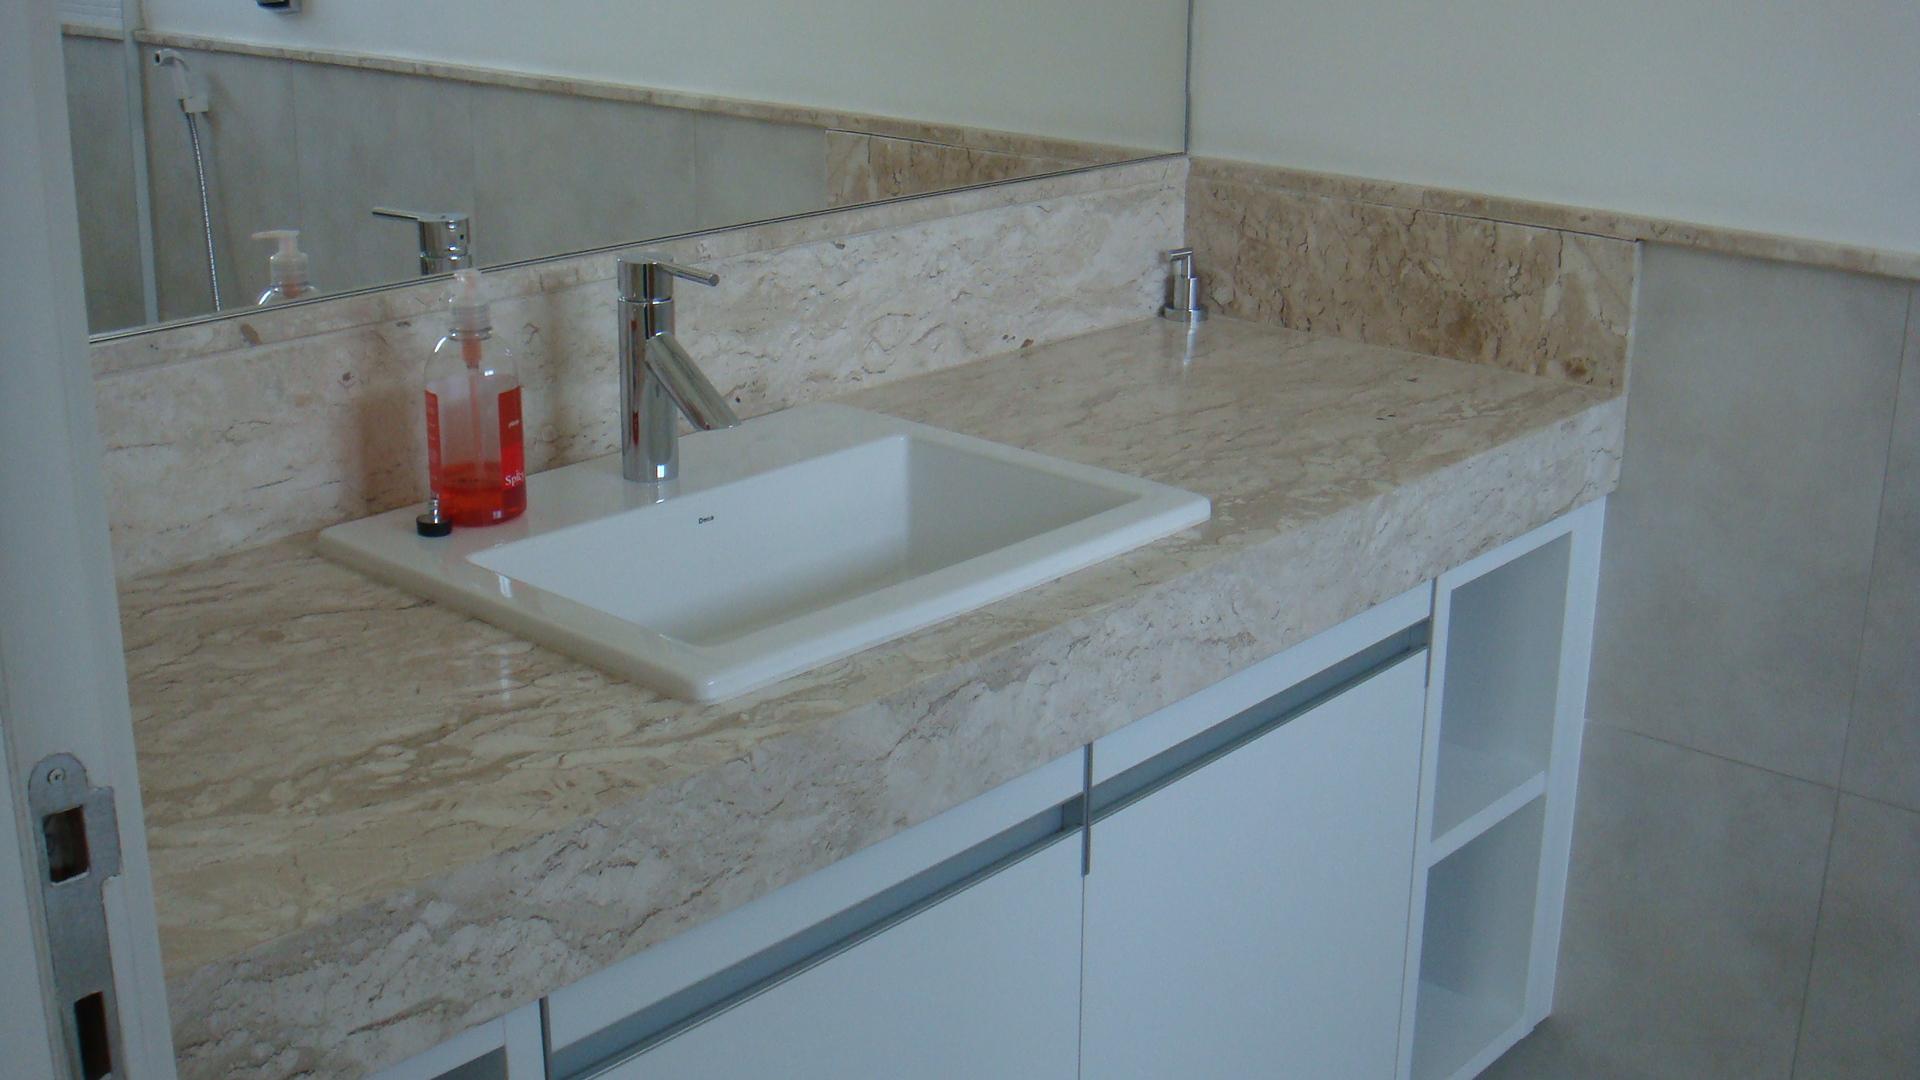 Marmore Travertino e dicas de decoração pedrasolivares.com #693C33 1920x1080